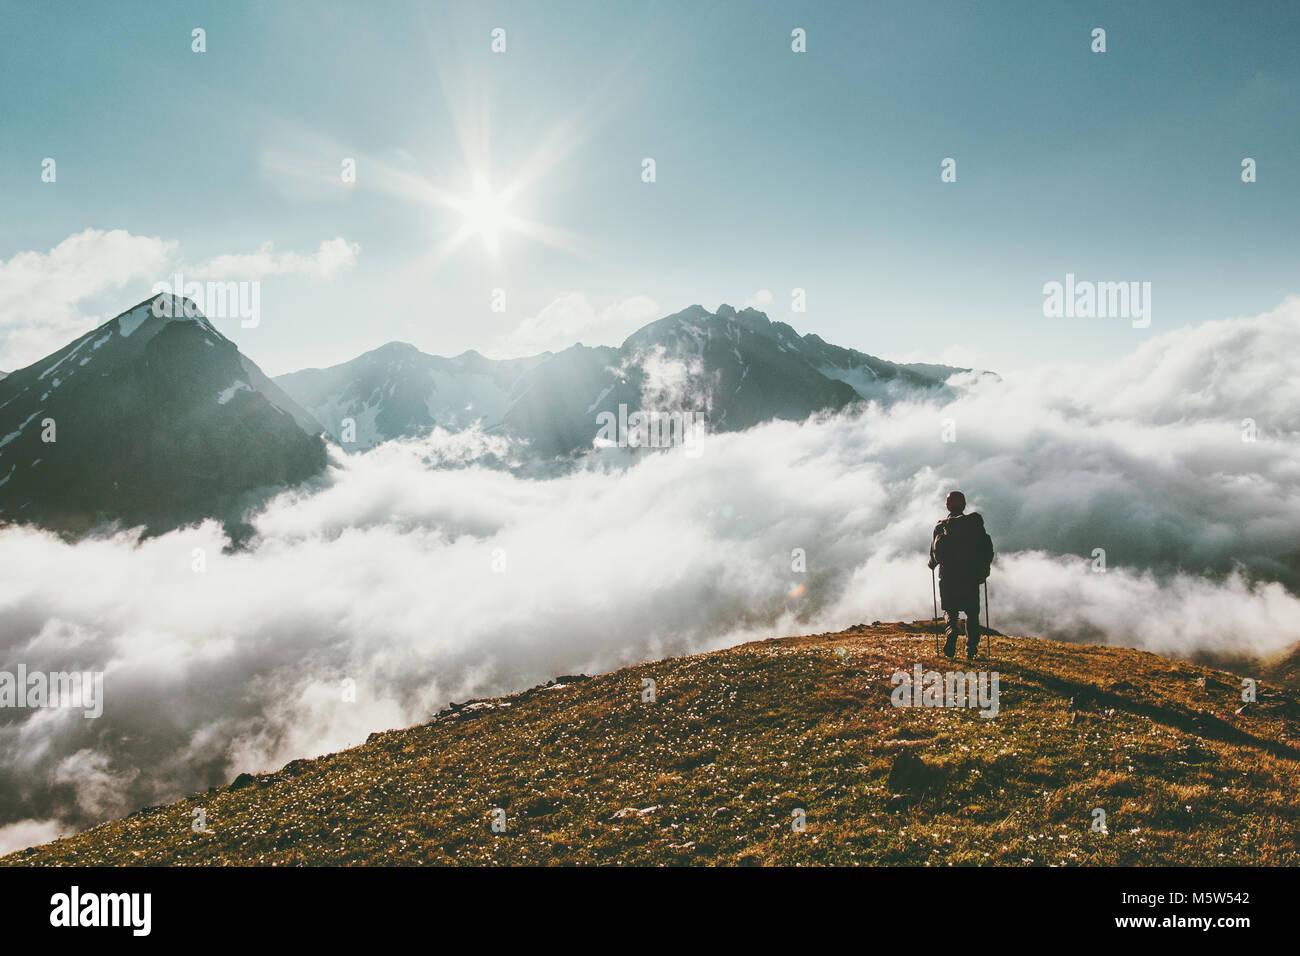 Traveler escursioni in montagna nuvole paesaggio lifestyle Travel Adventure Concept vacanze estive all'aperto Immagini Stock